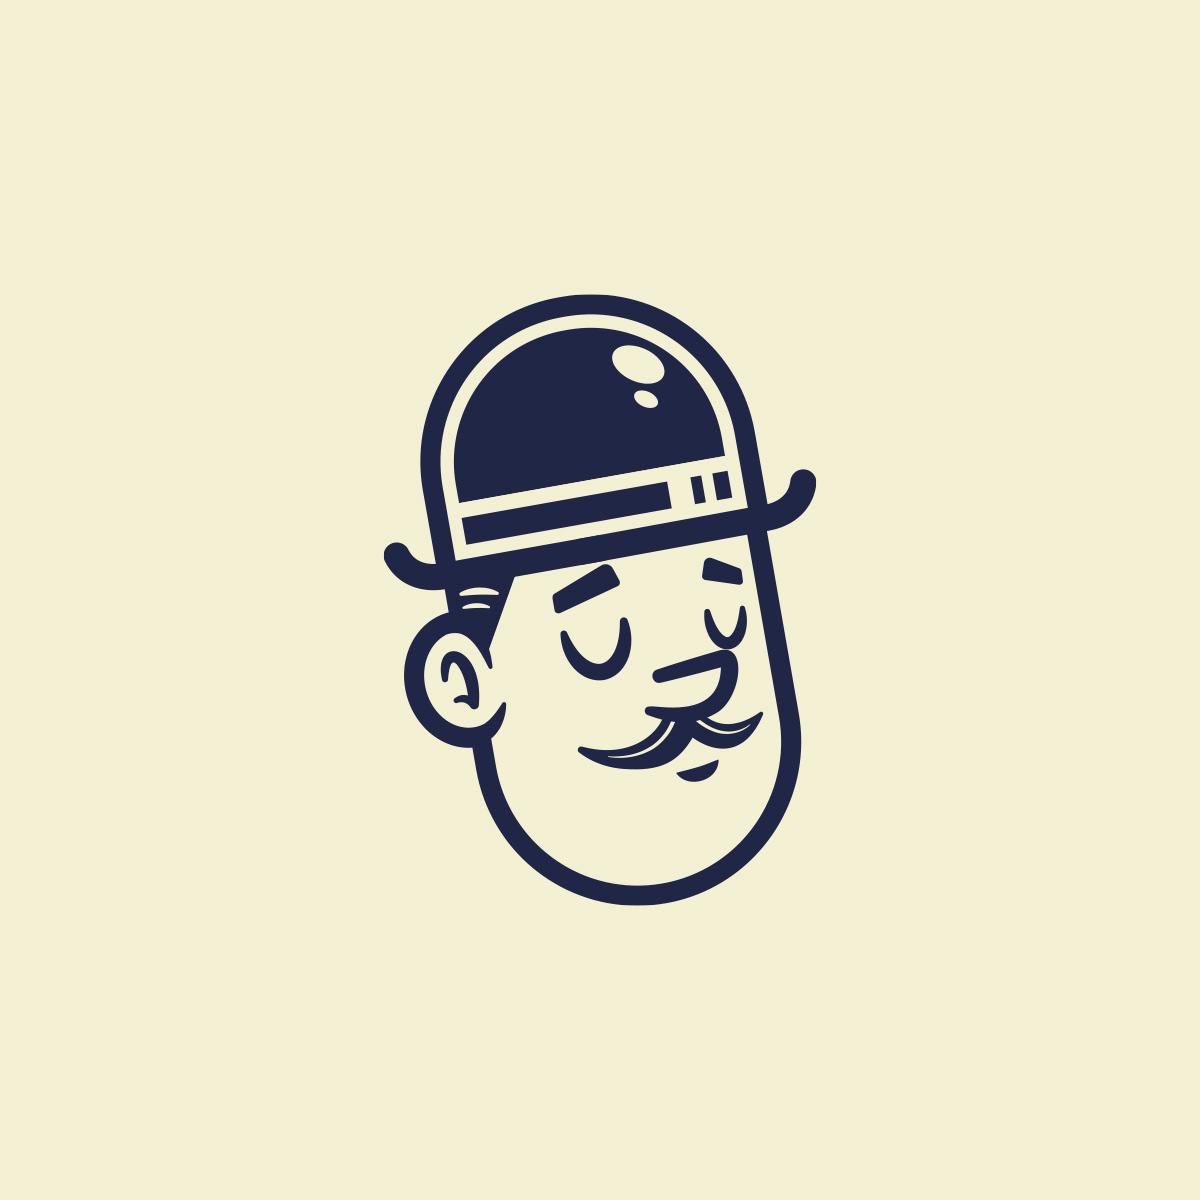 Various-Logos_Hinch